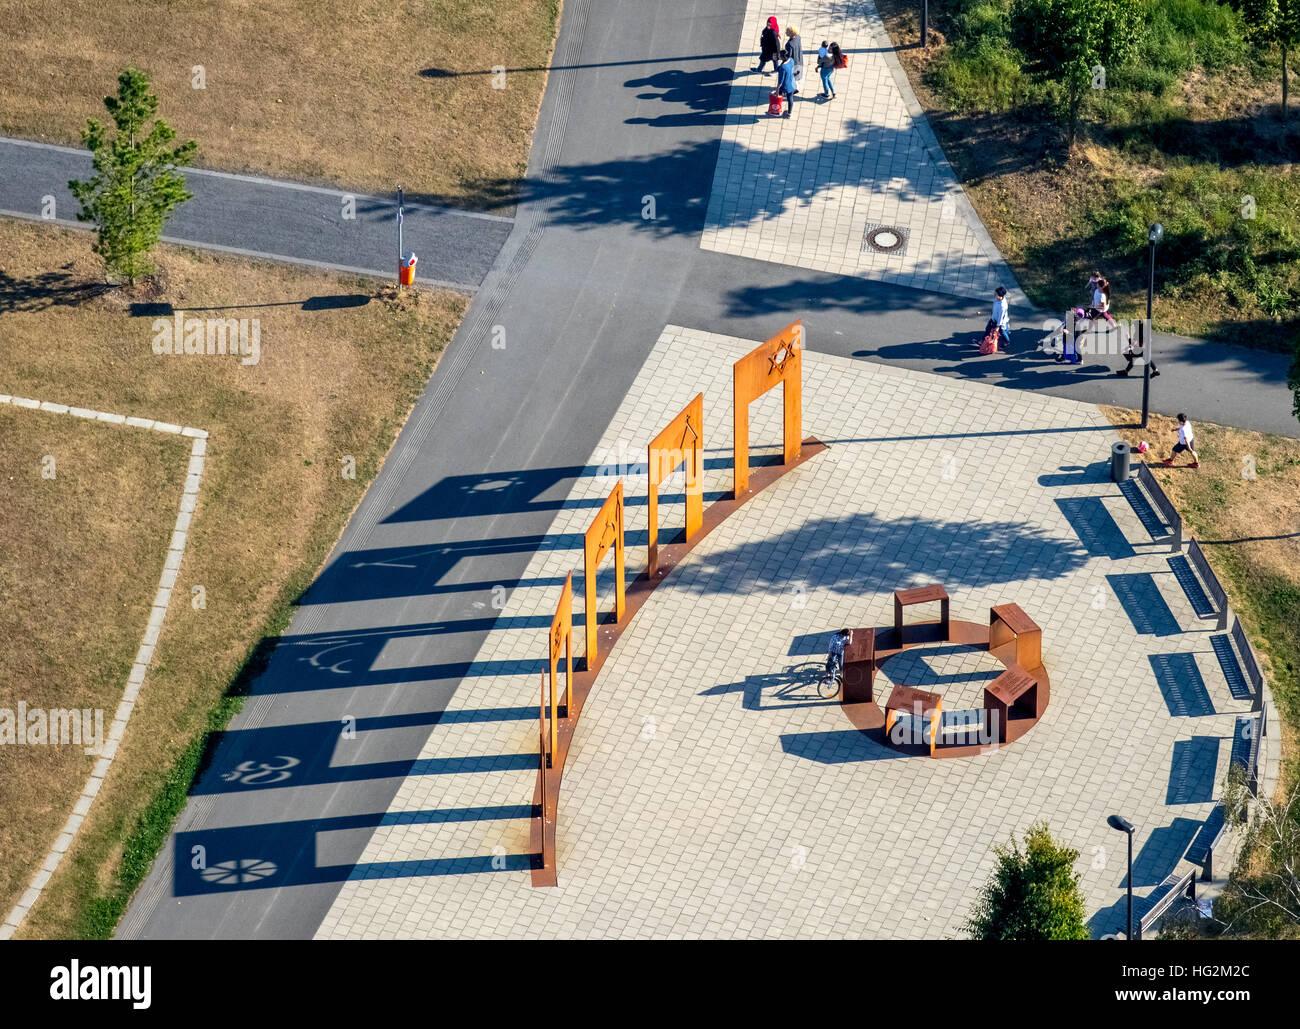 Luftaufnahme, Denkmal der fünf Weltreligionen Judentum, Christentum, Islam, Hinduismus, Buddhismus, Lippe Park Stockbild